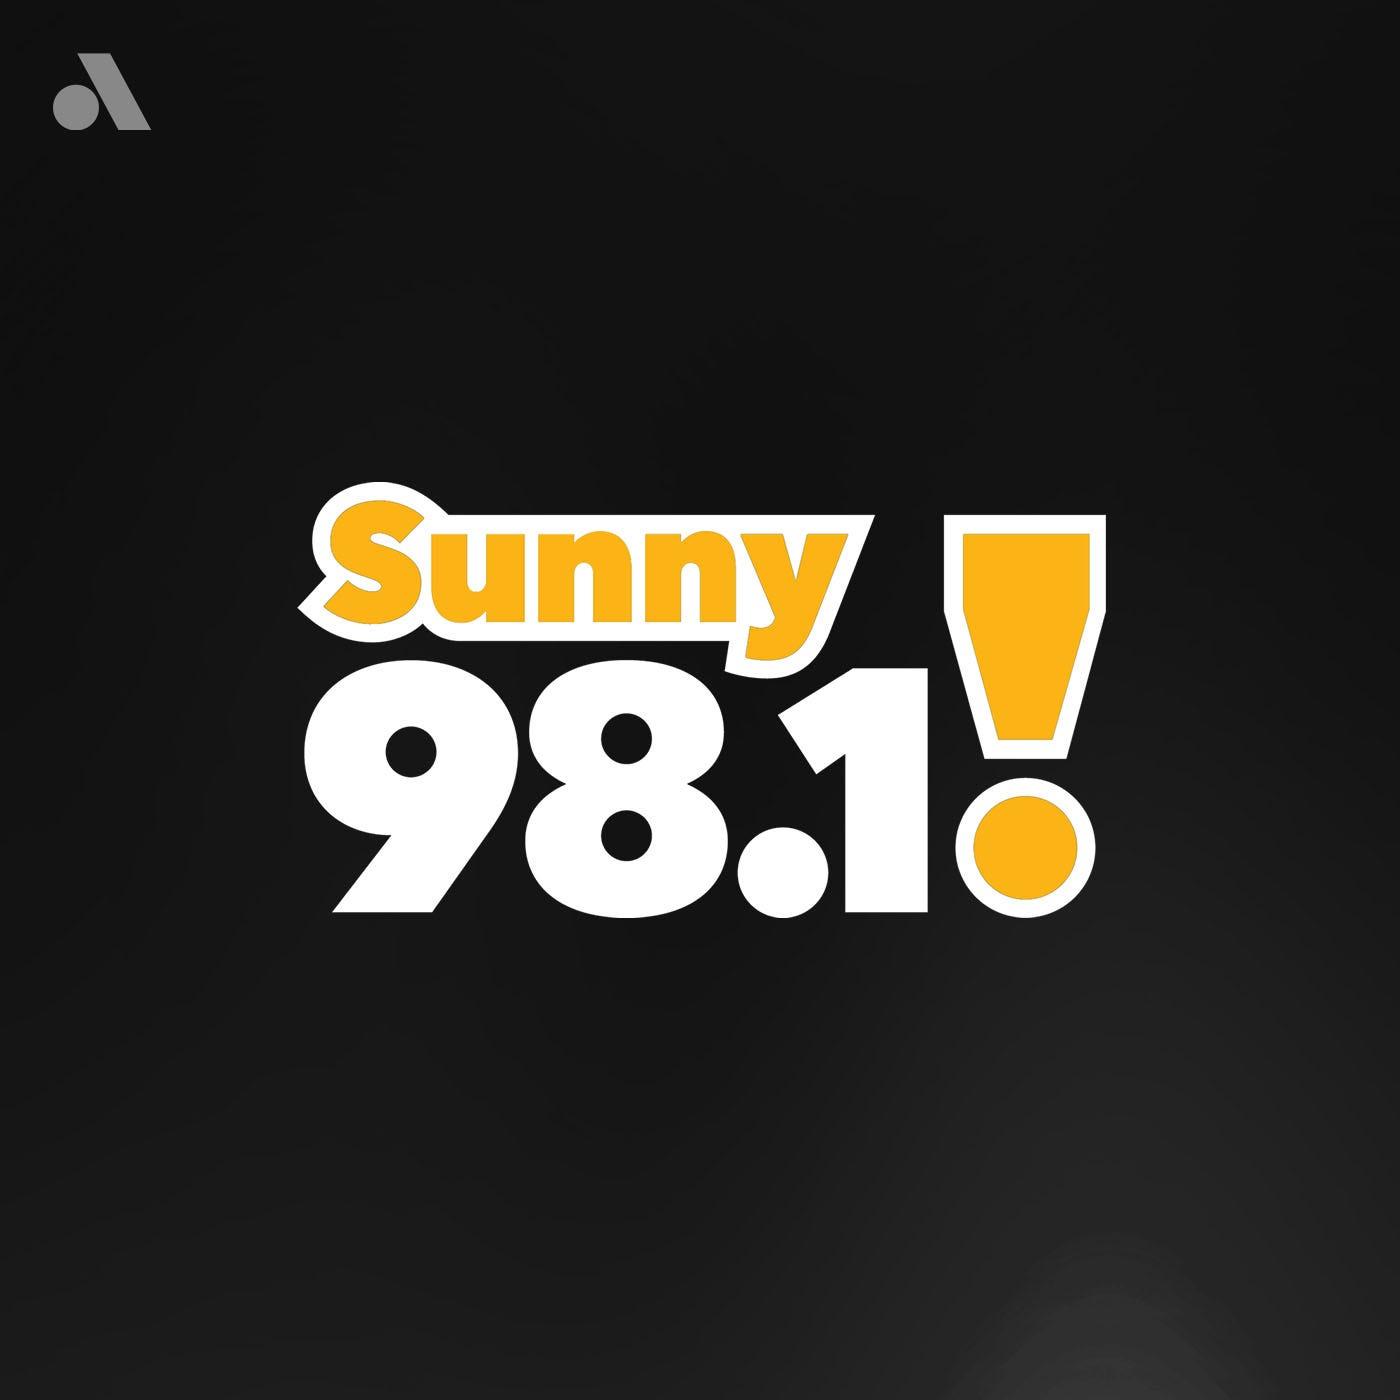 Sunny 98.1